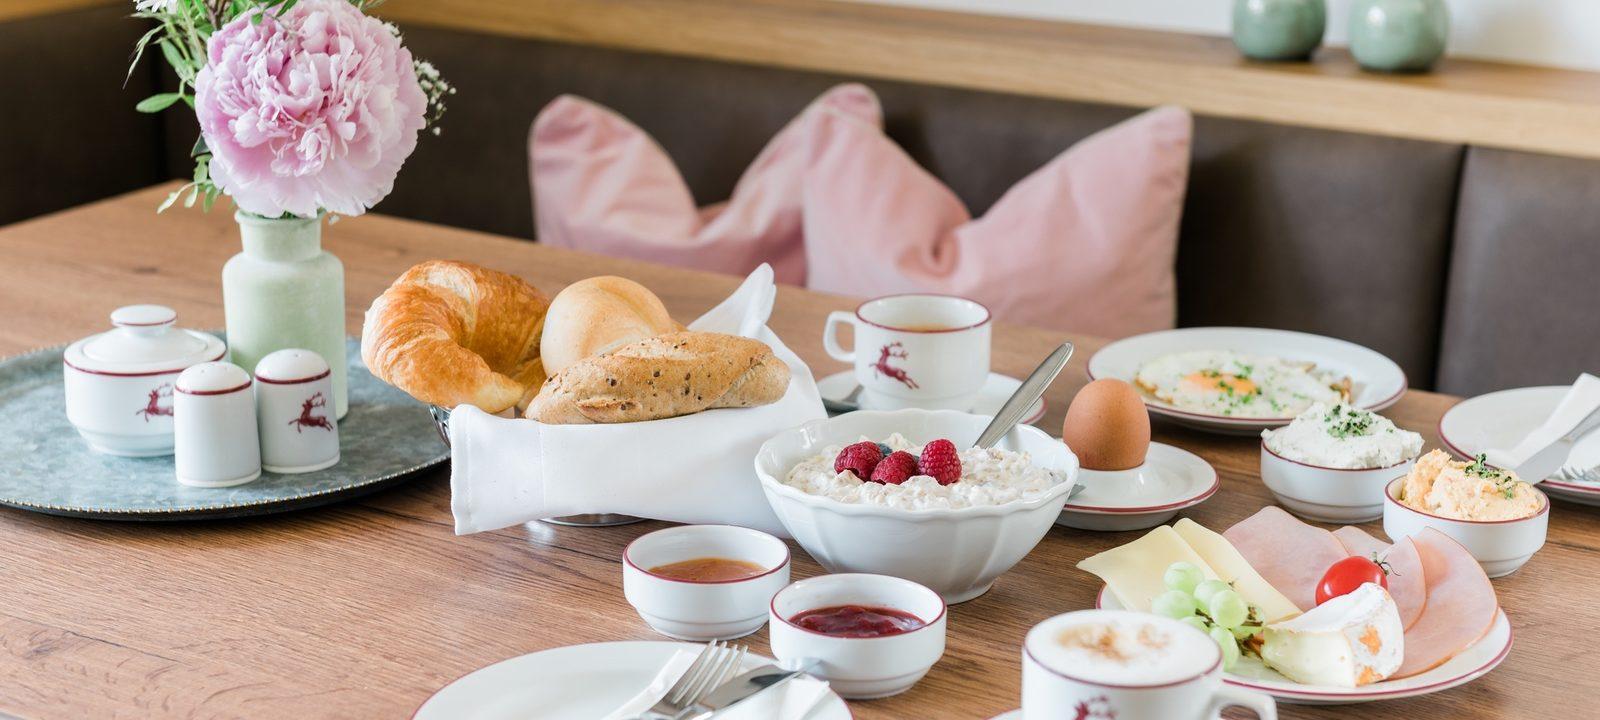 Frühstück im Landhaus Steiner Altenmarkt-Zauchensee